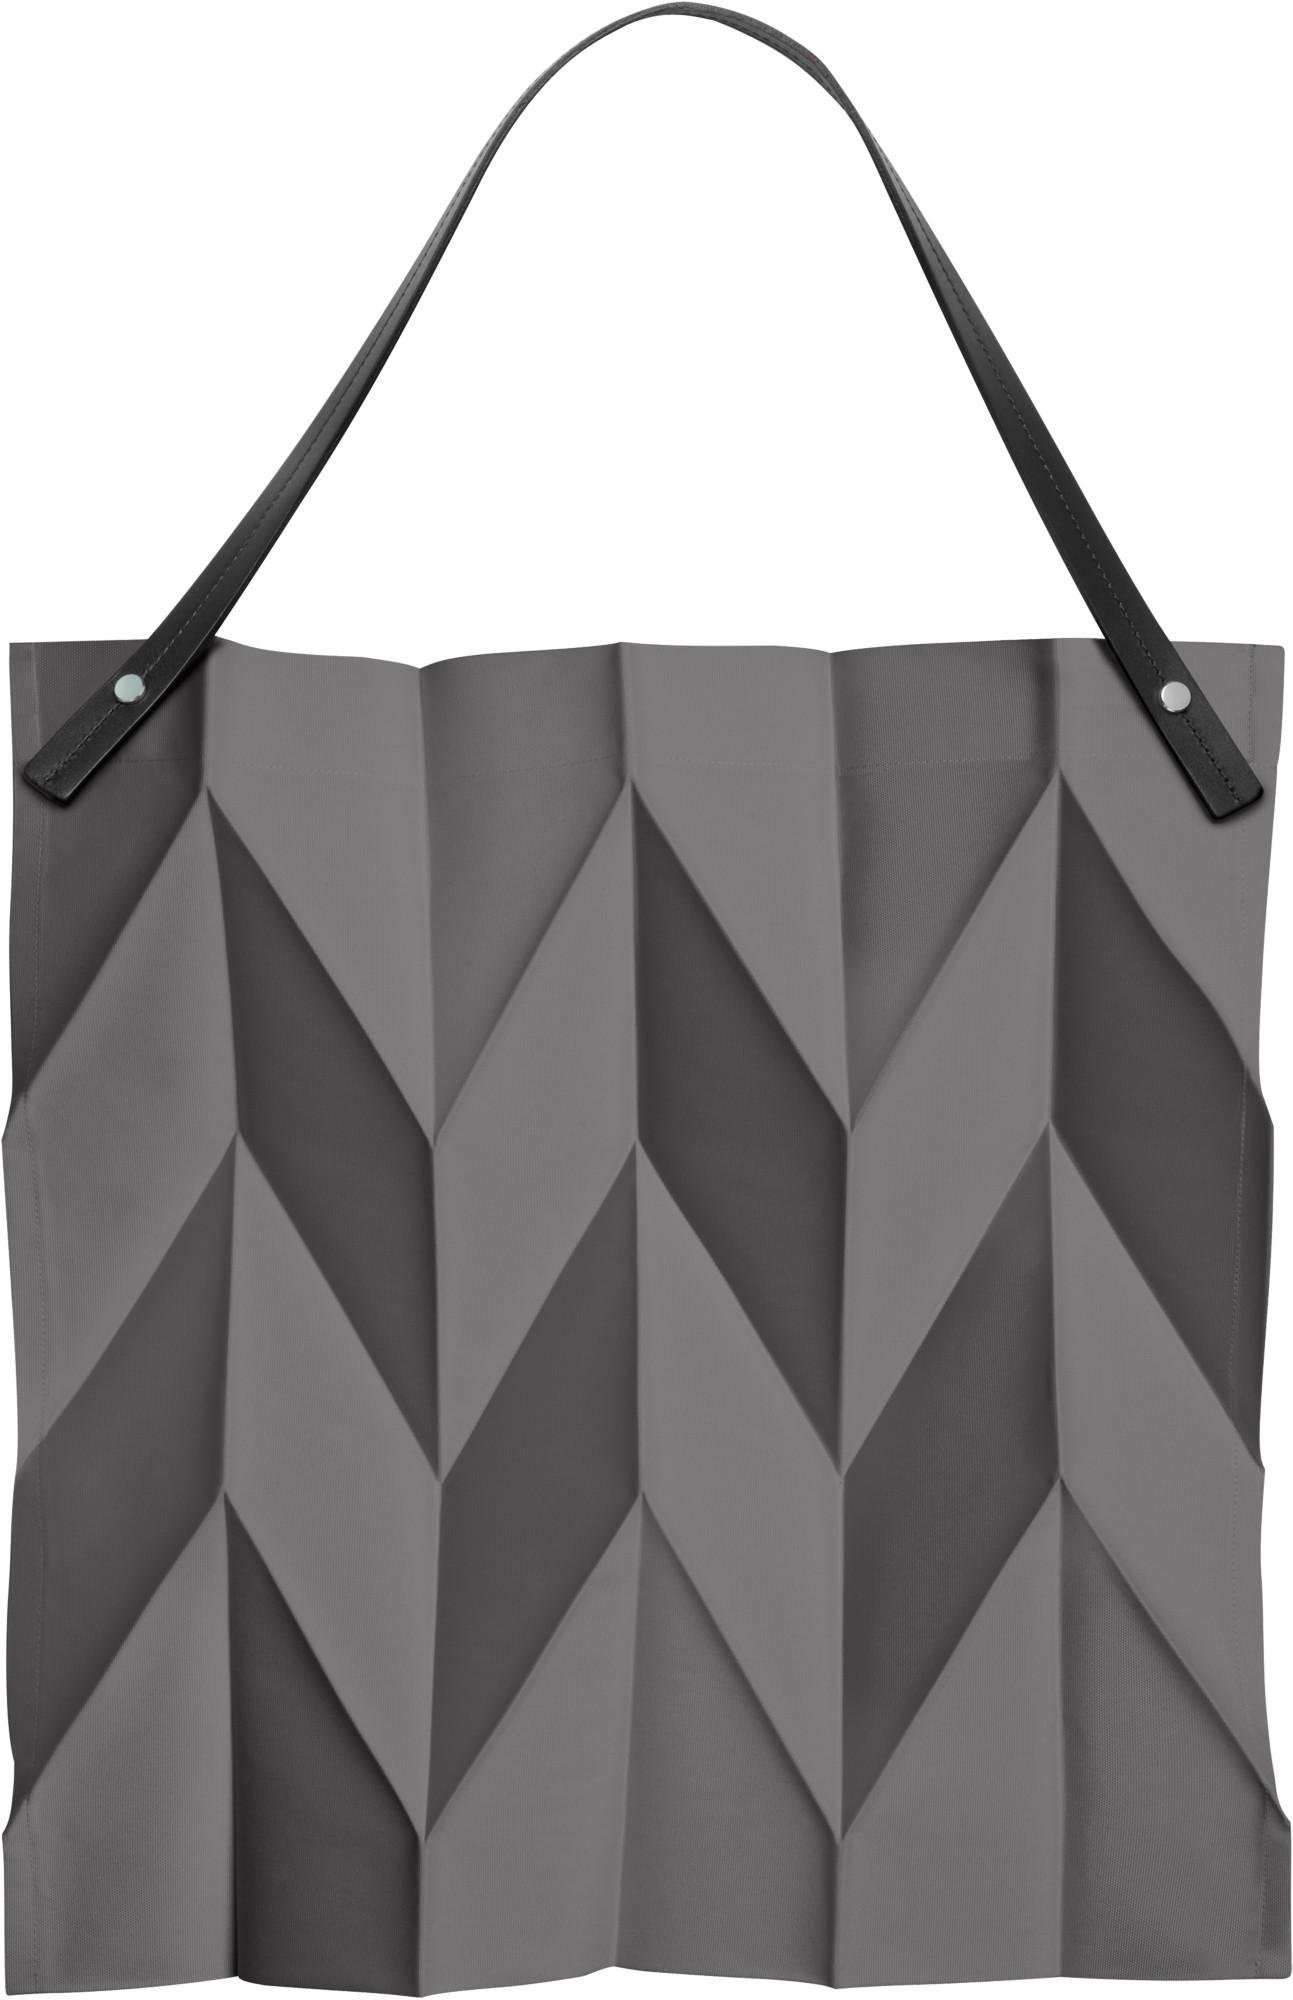 3ab600d2bd Iittala - Iittala X Issey Miyake bag 42 x 43 cm dark grey - Iittala.com UK